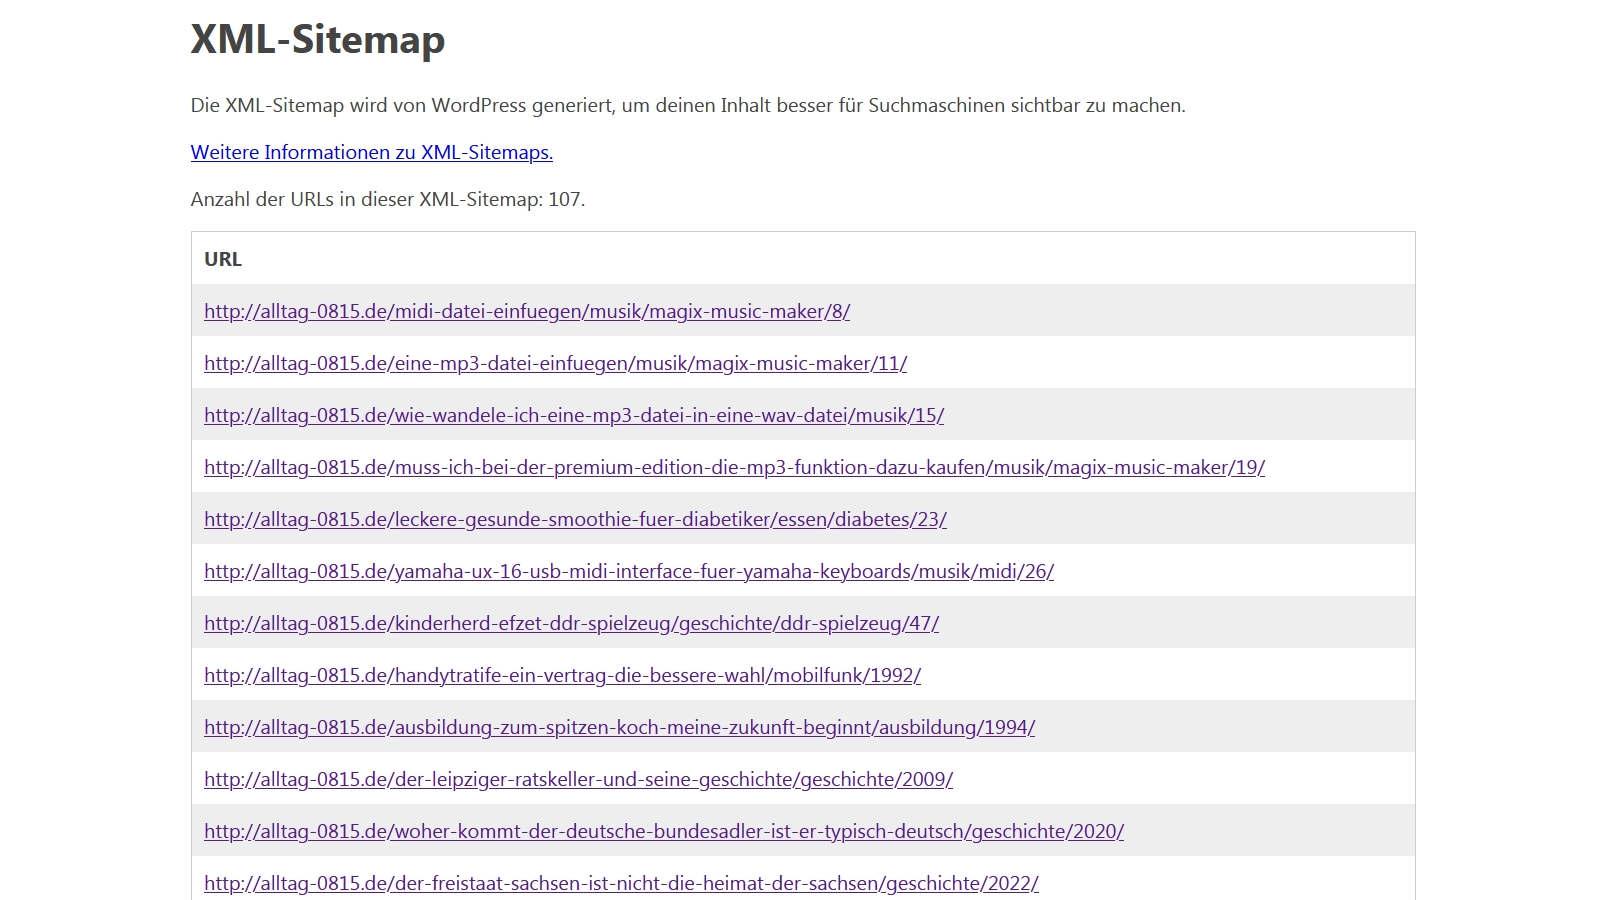 XML Sitemap für Google kostenlos erstellen